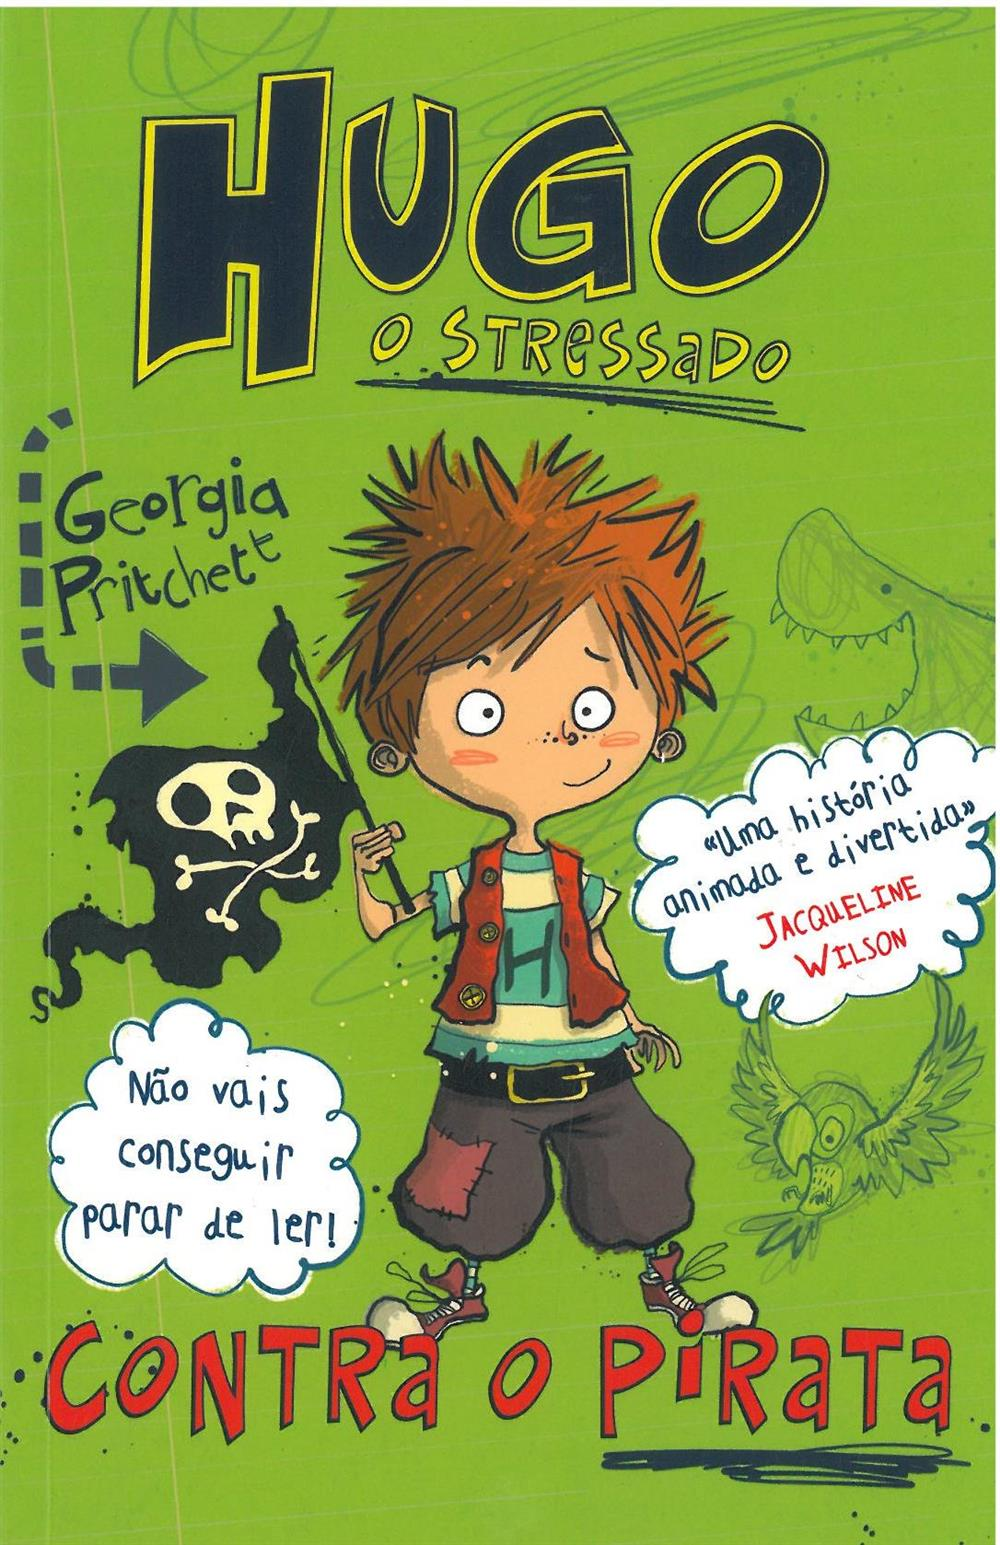 Hugo, o stressado, contra o pirata_.jpg